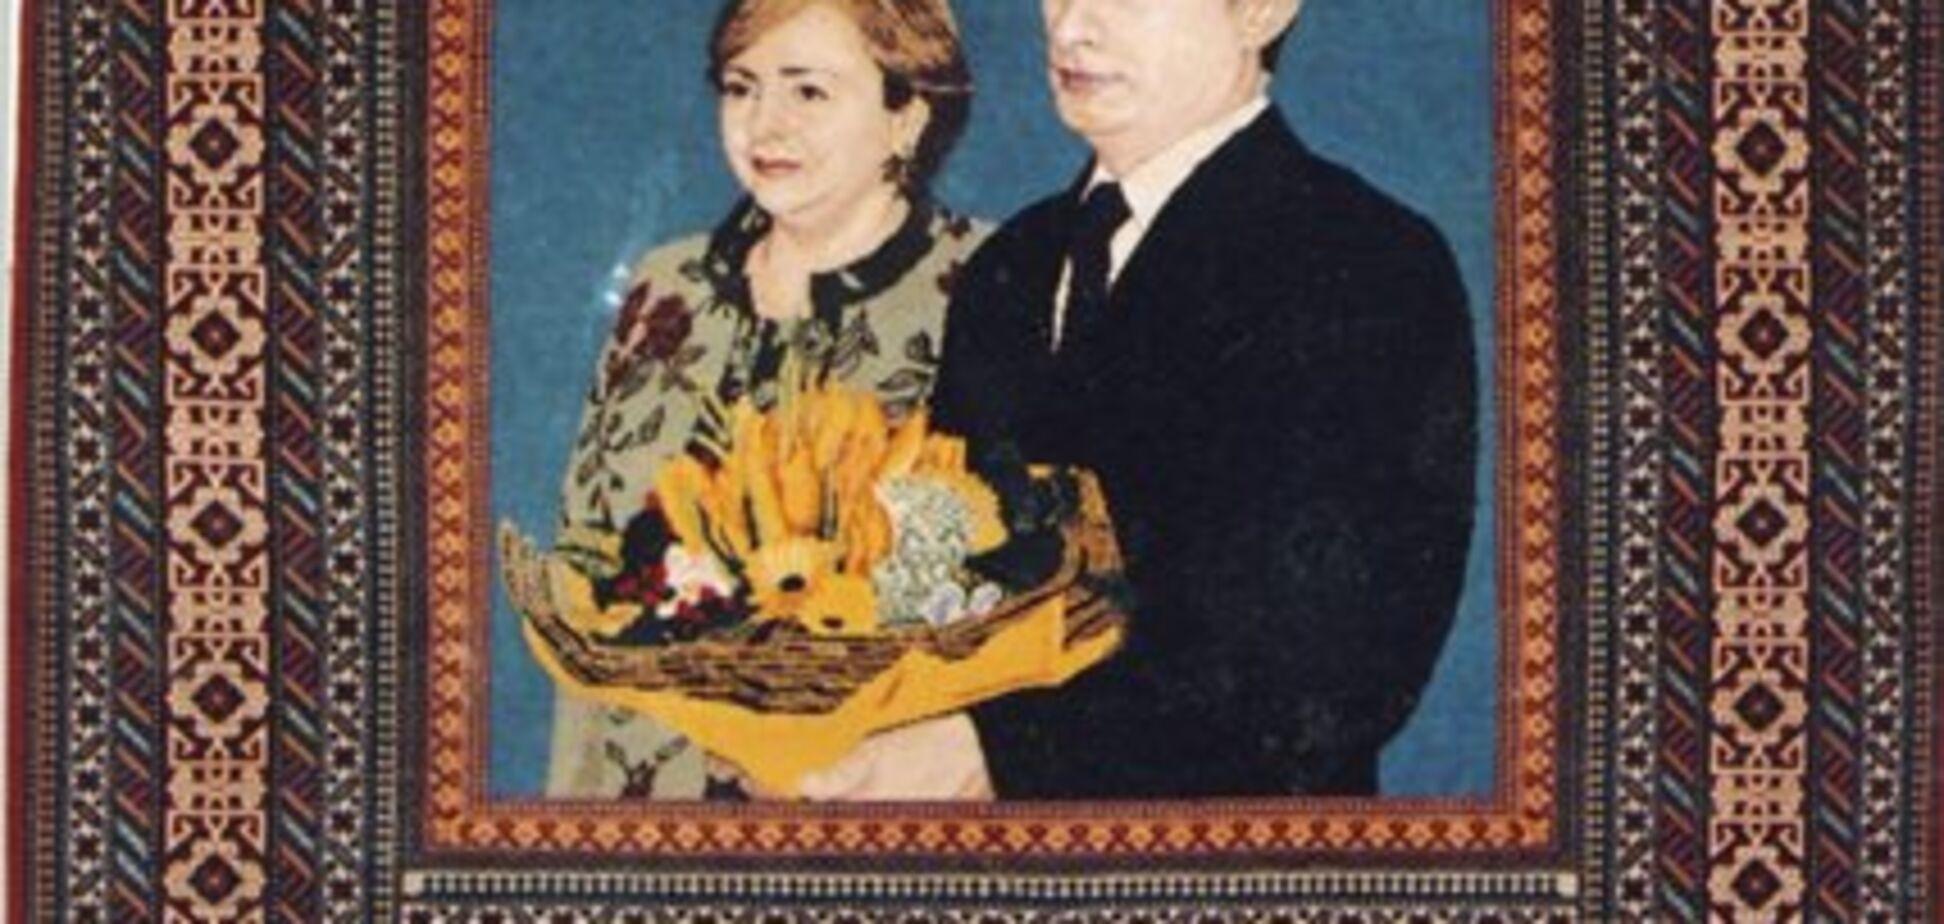 Народилася нова країна - Абосрусь (Абхазія, Осетія, Русь)